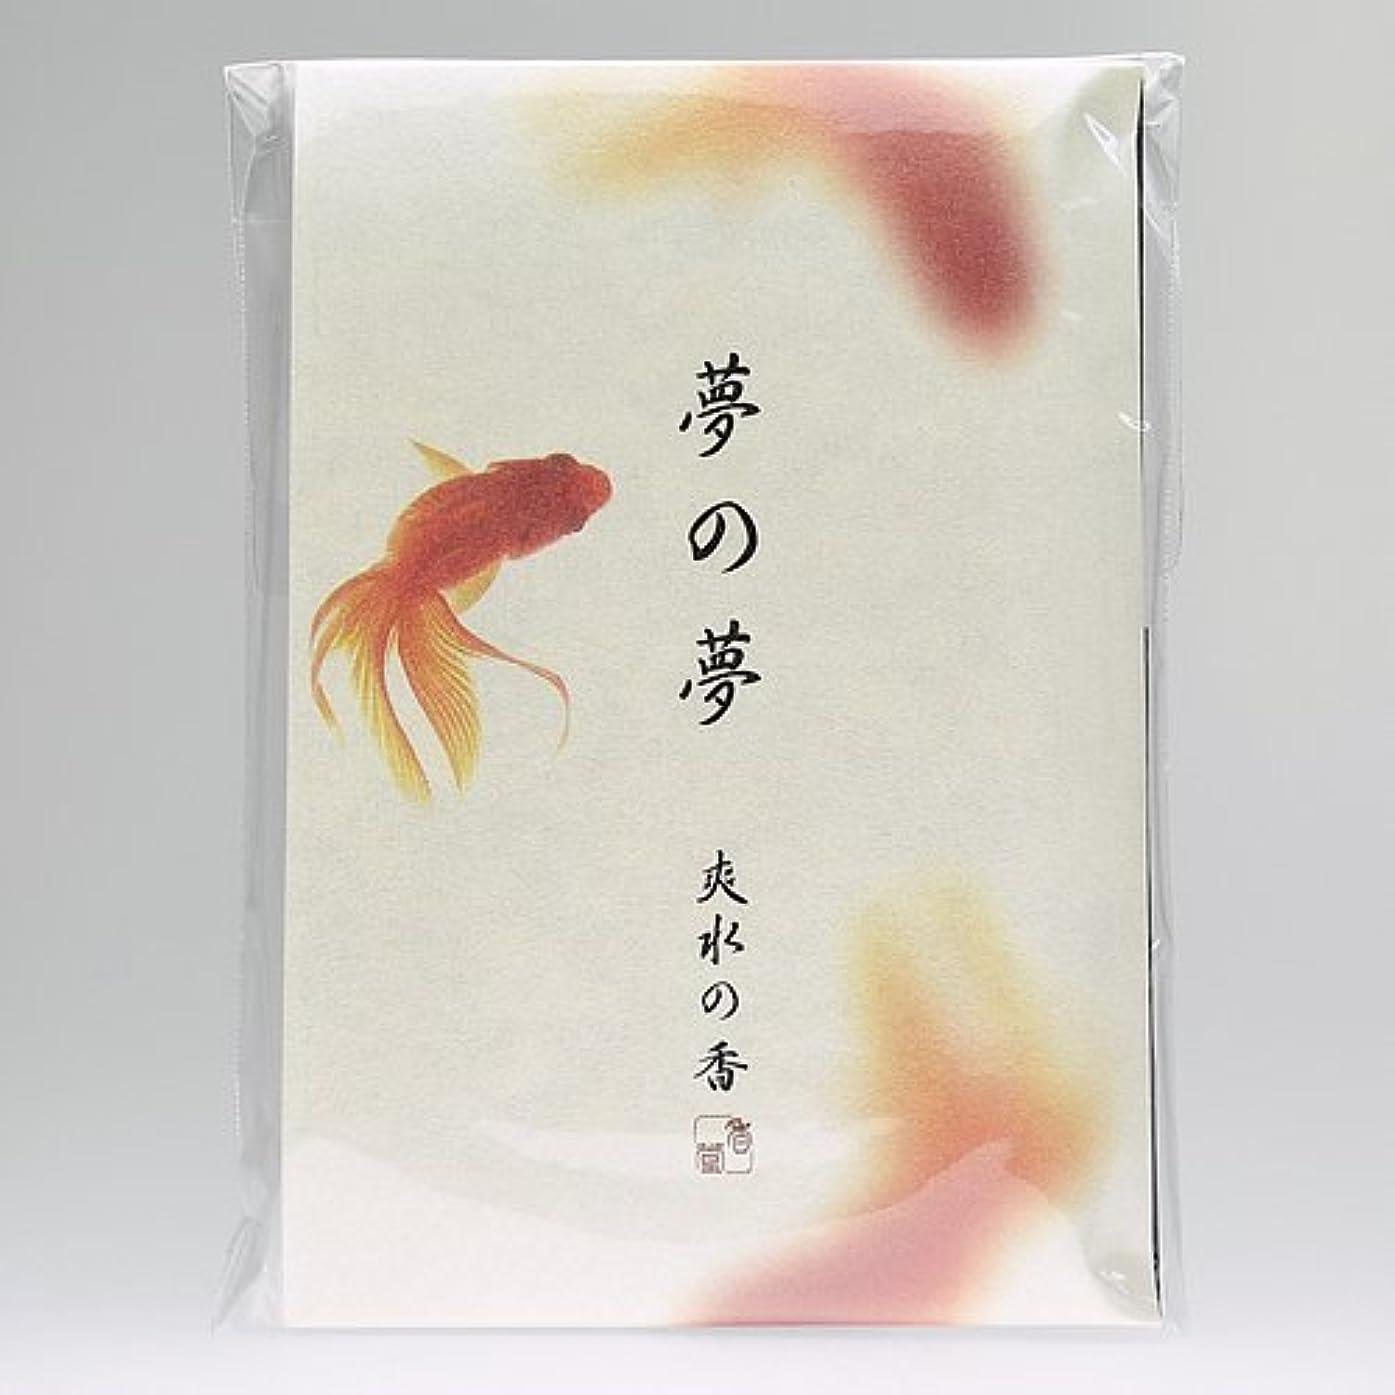 合意シエスタわがまま夢の夢 爽水の香 (金魚) スティック12本入